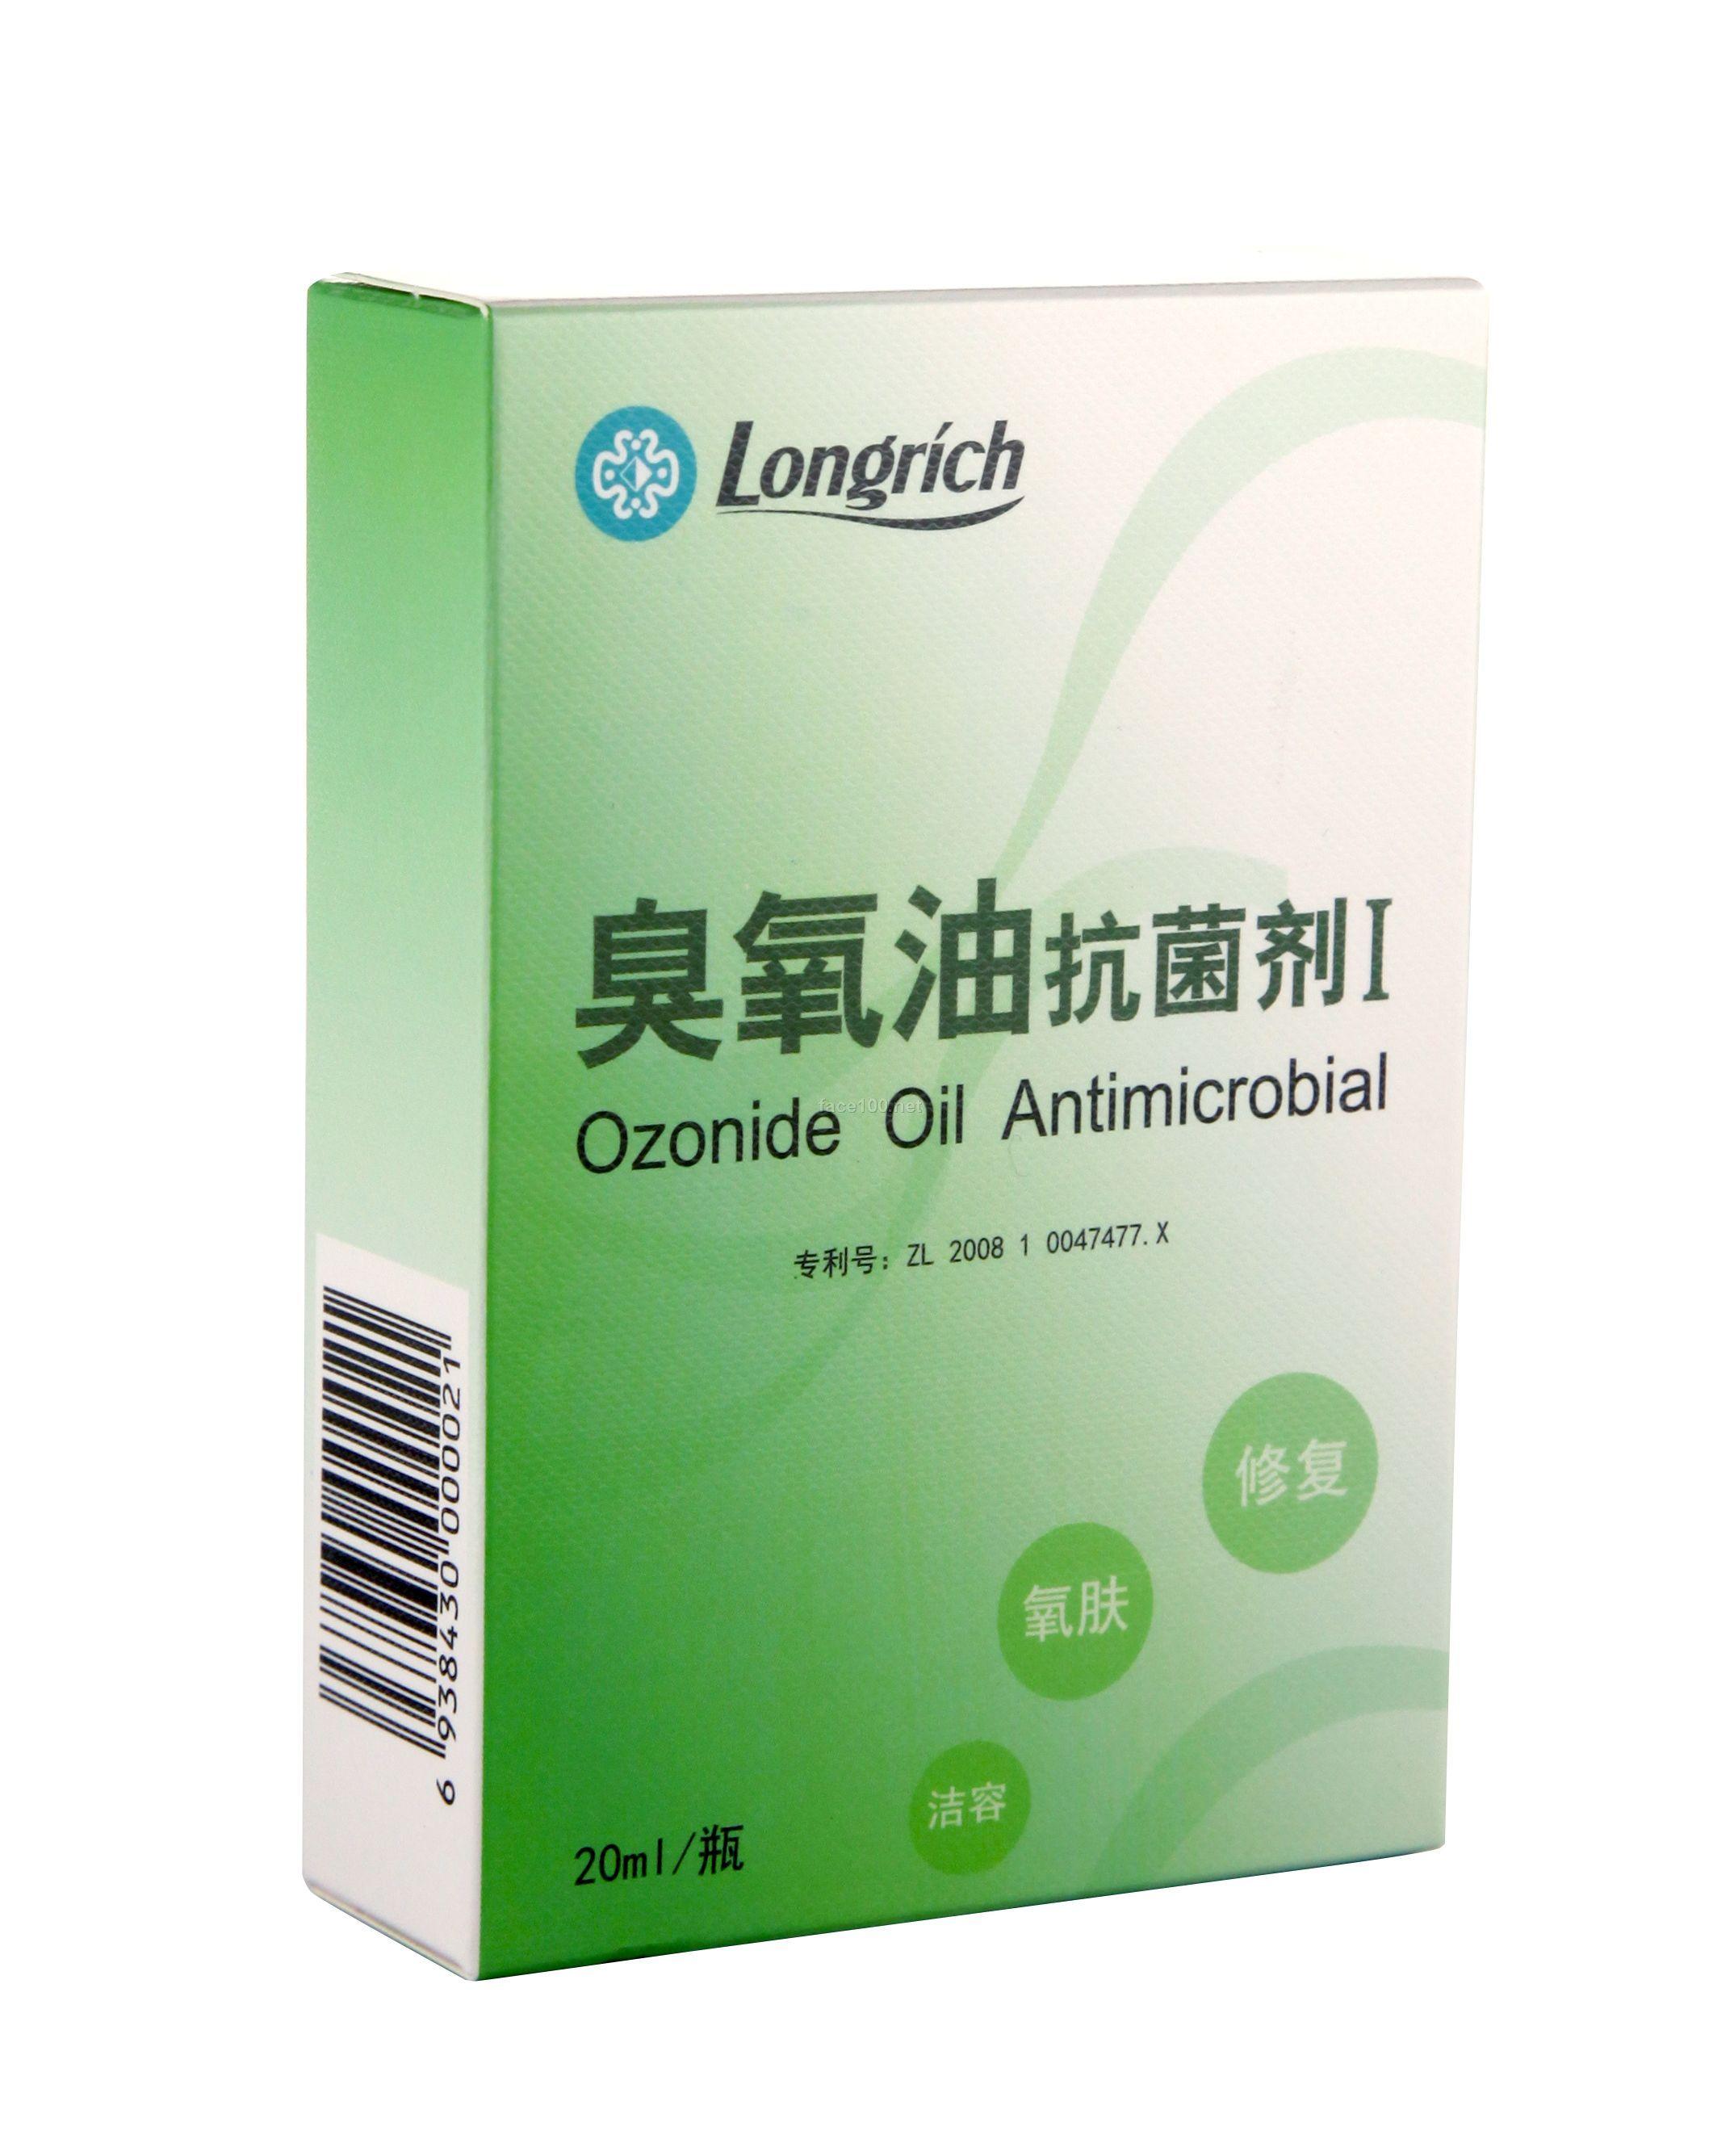 Longrich 臭氧油抗菌剂